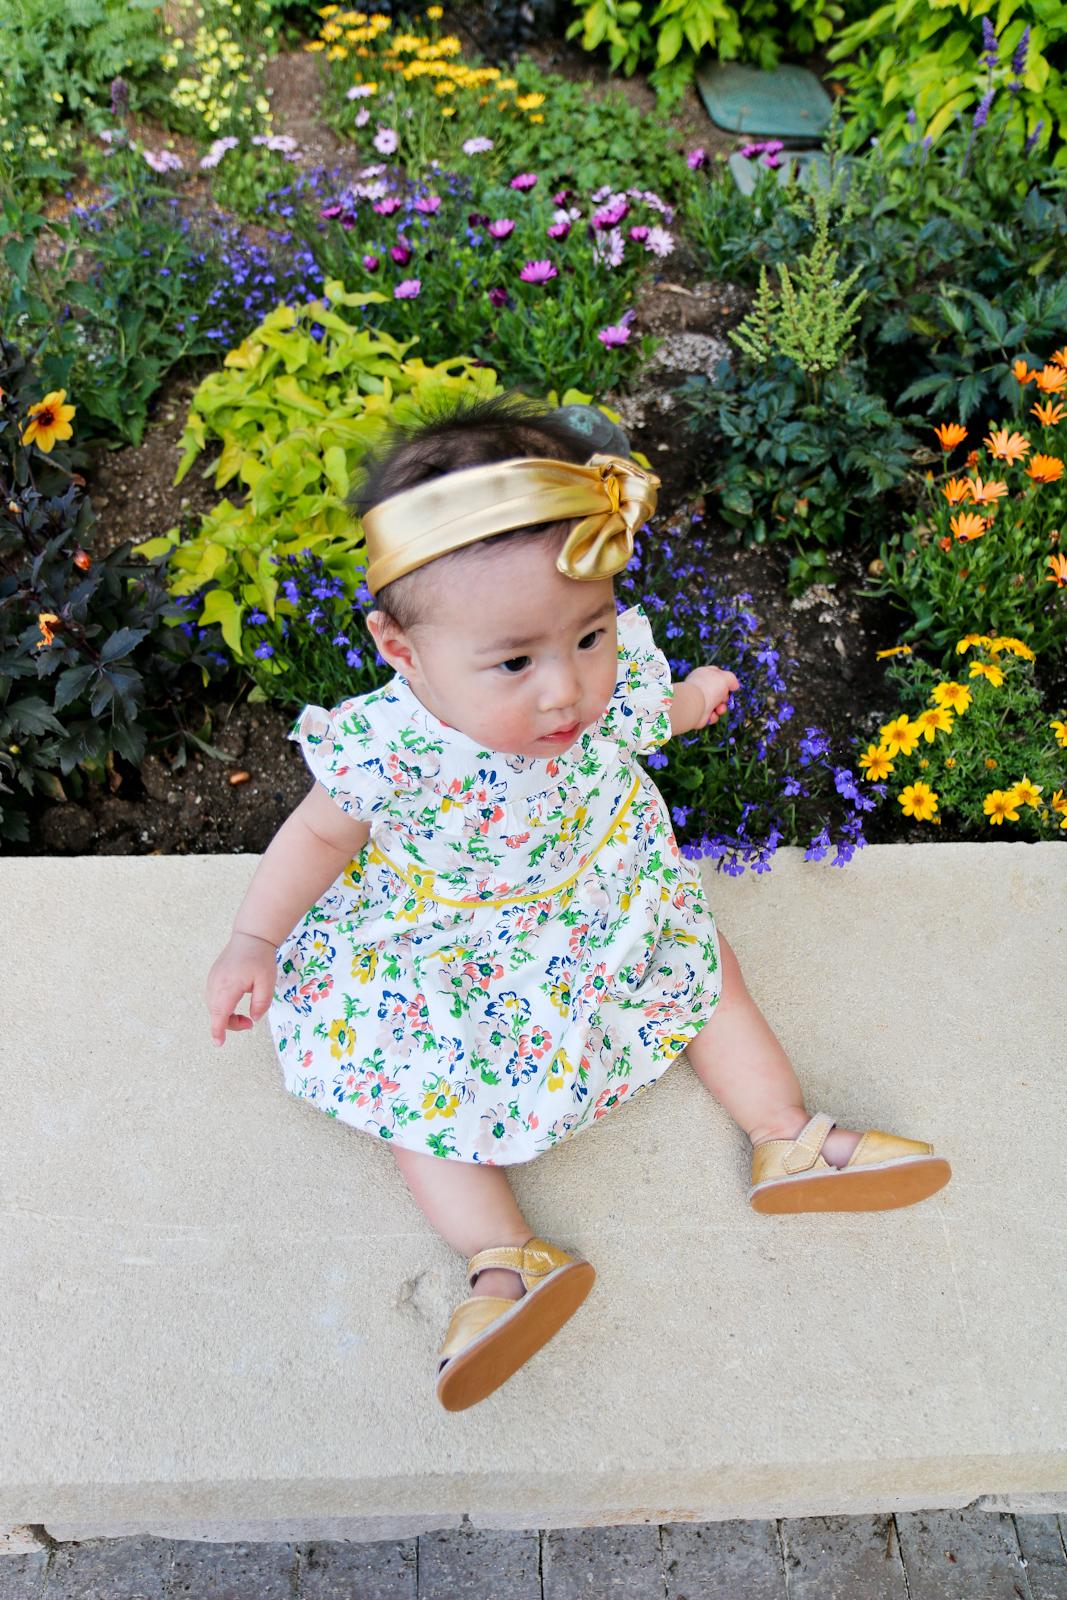 Sandy a la Mode | Kid's Fashion Blog wearing Melijoe Fashion